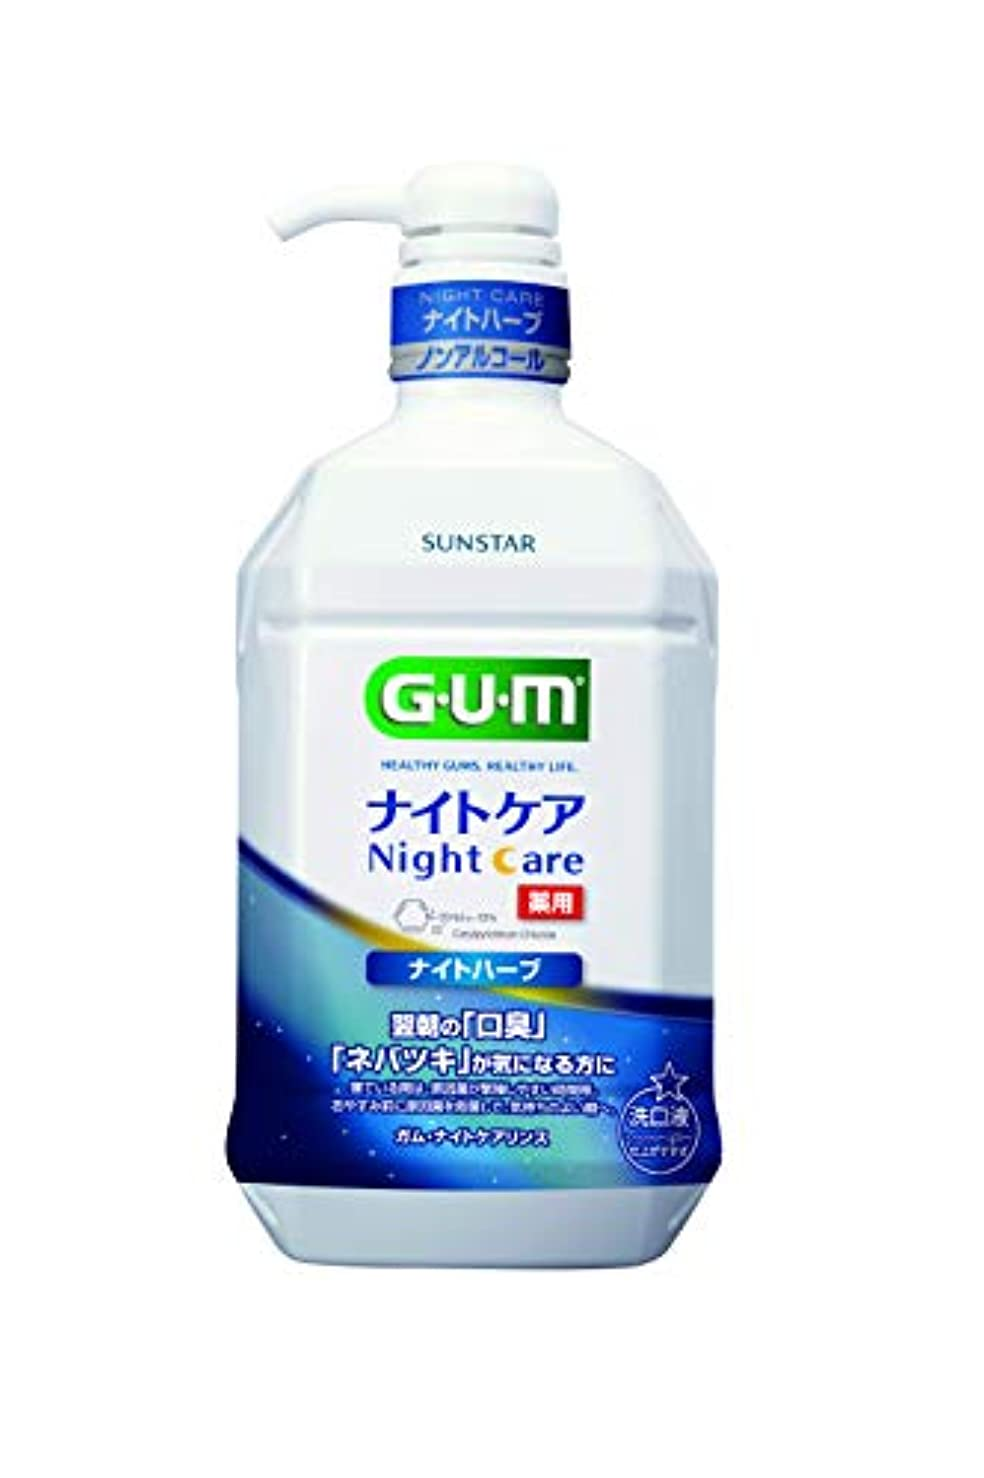 ミケランジェロ一月波紋GUM(ガム) ガム?デンタルリンスナイトケア(ナイトハーブタイプ) 単品 900ML